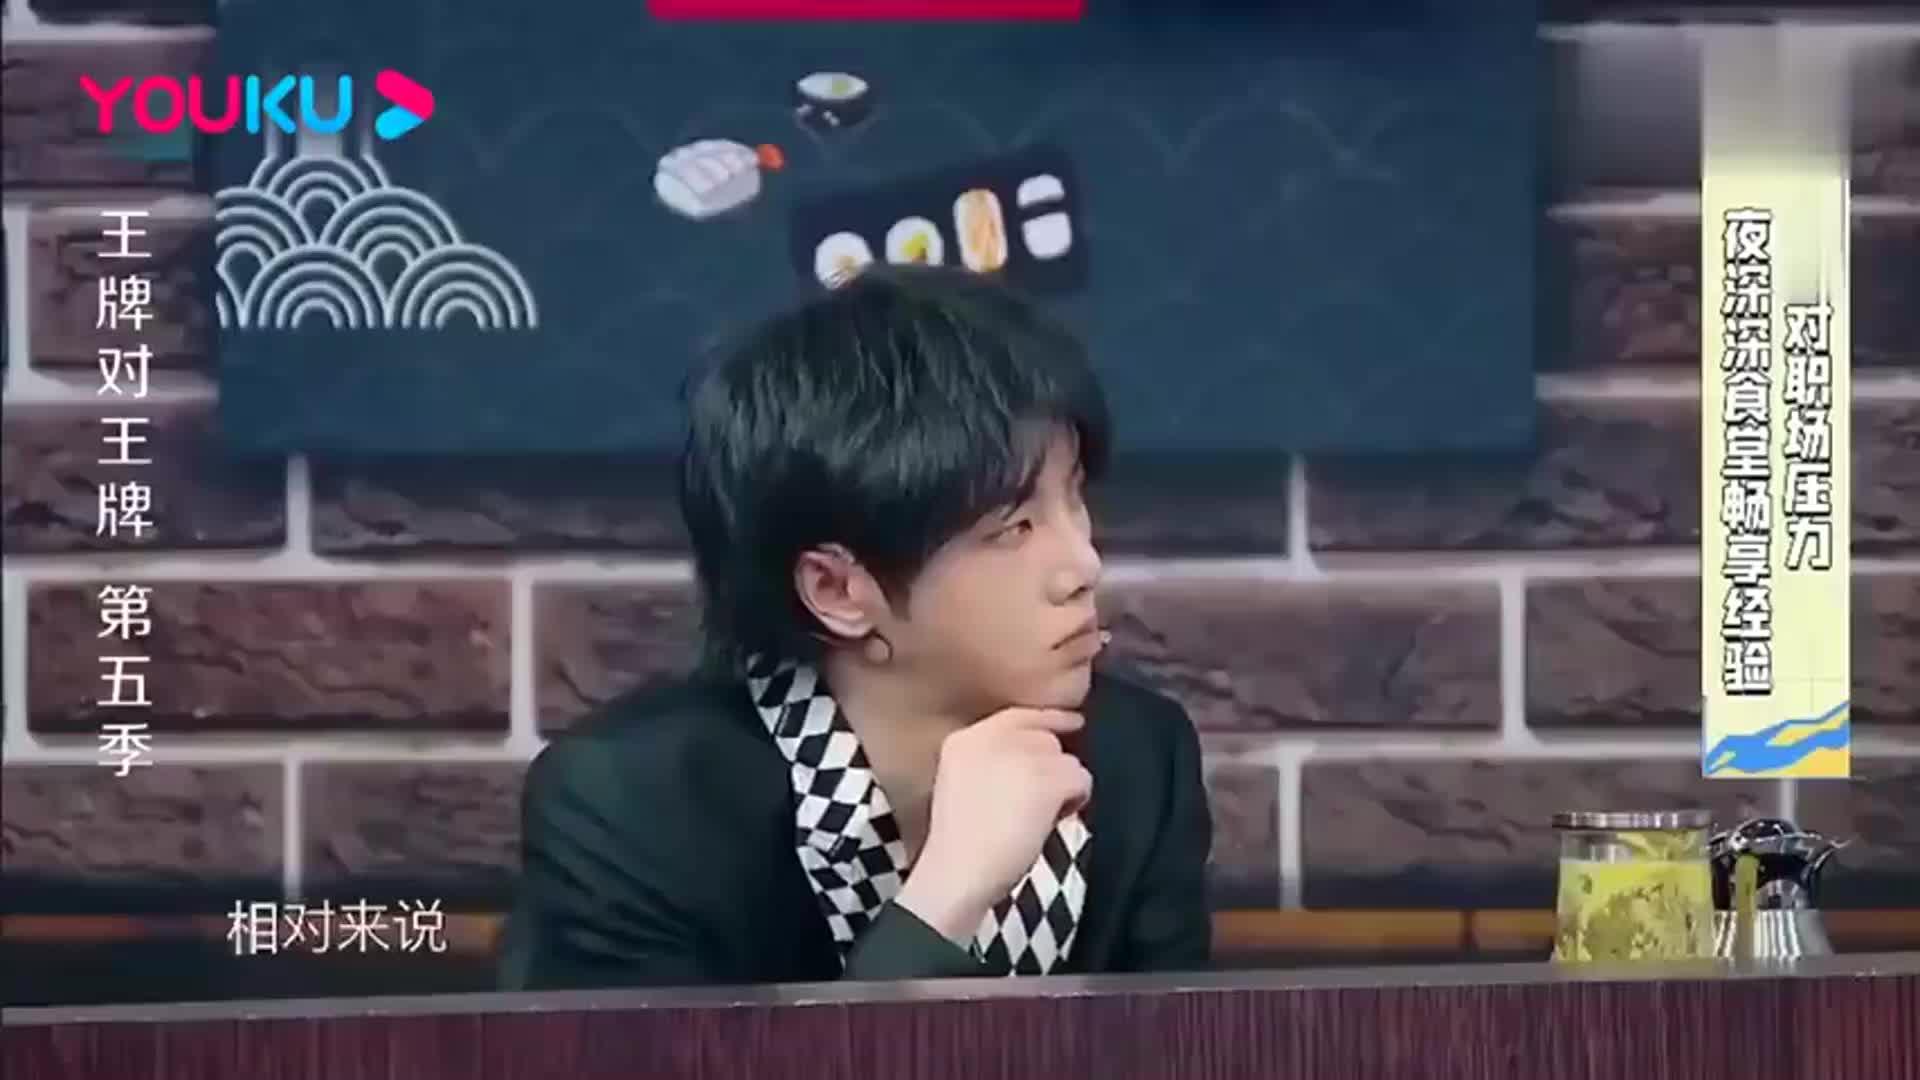 王牌:贾玲自爆和郭德纲竞演,得了第一,郭老师不行啊!